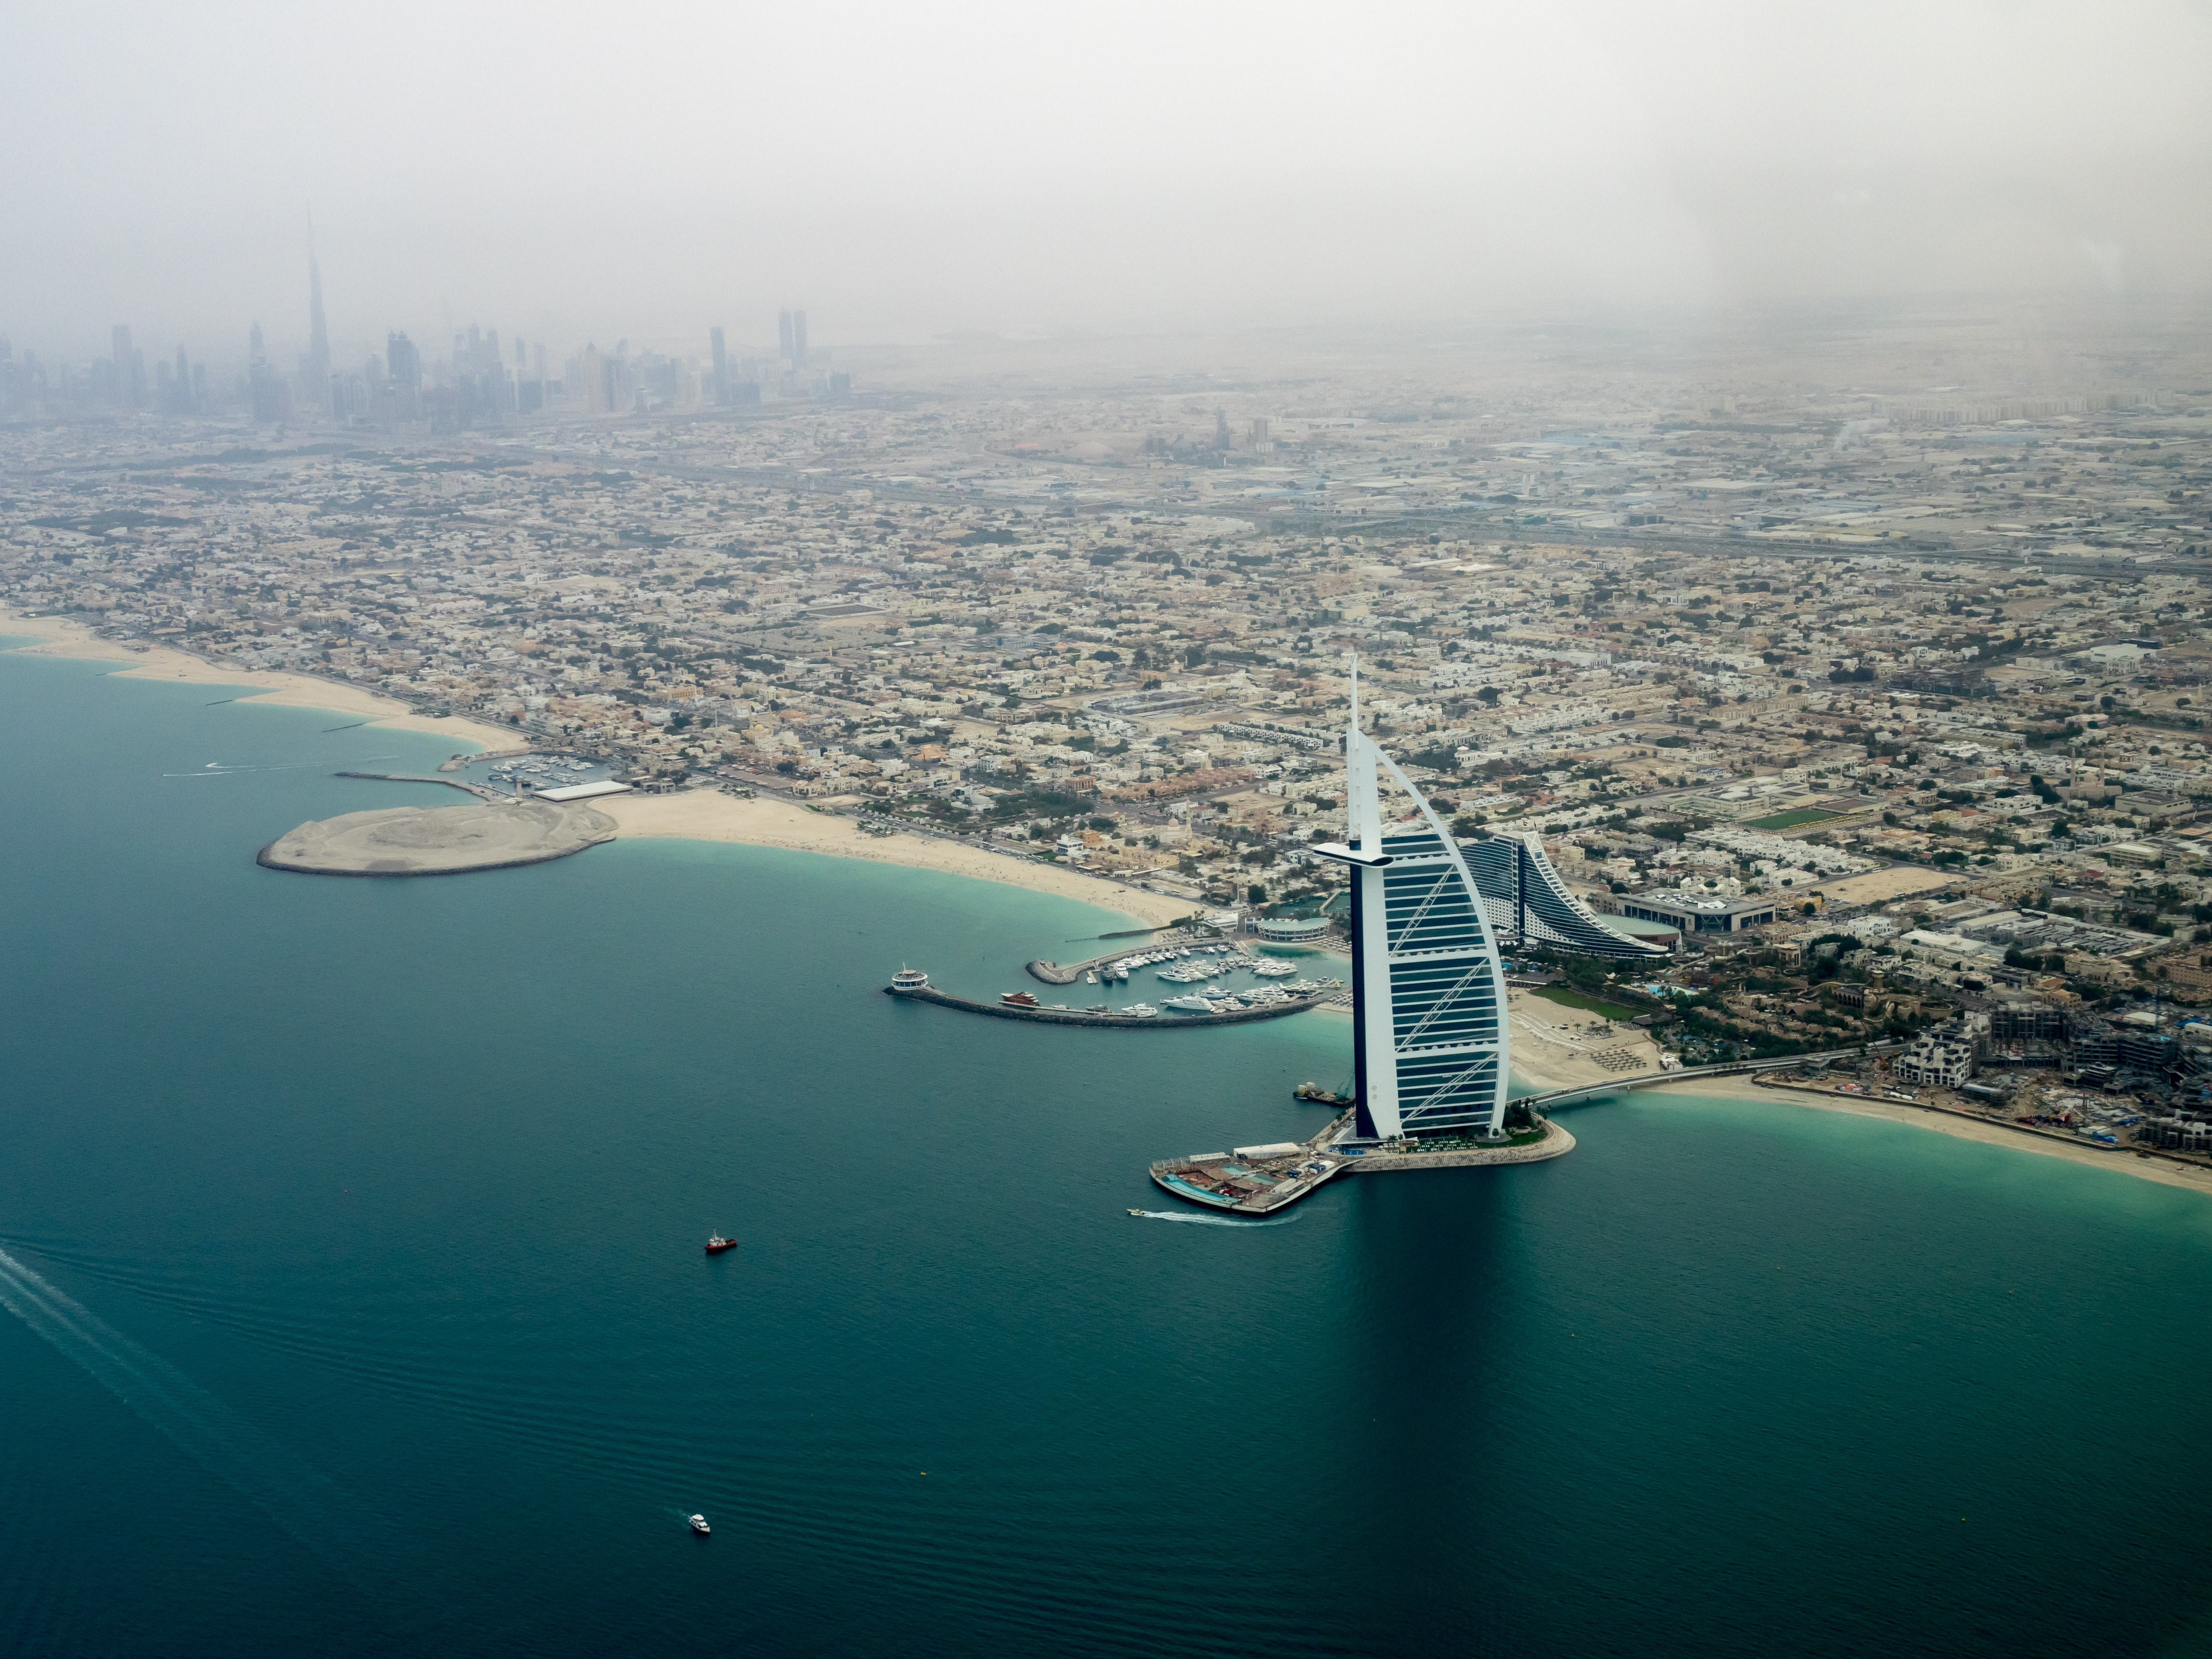 Dubai coastline shot with Burj Al Arab